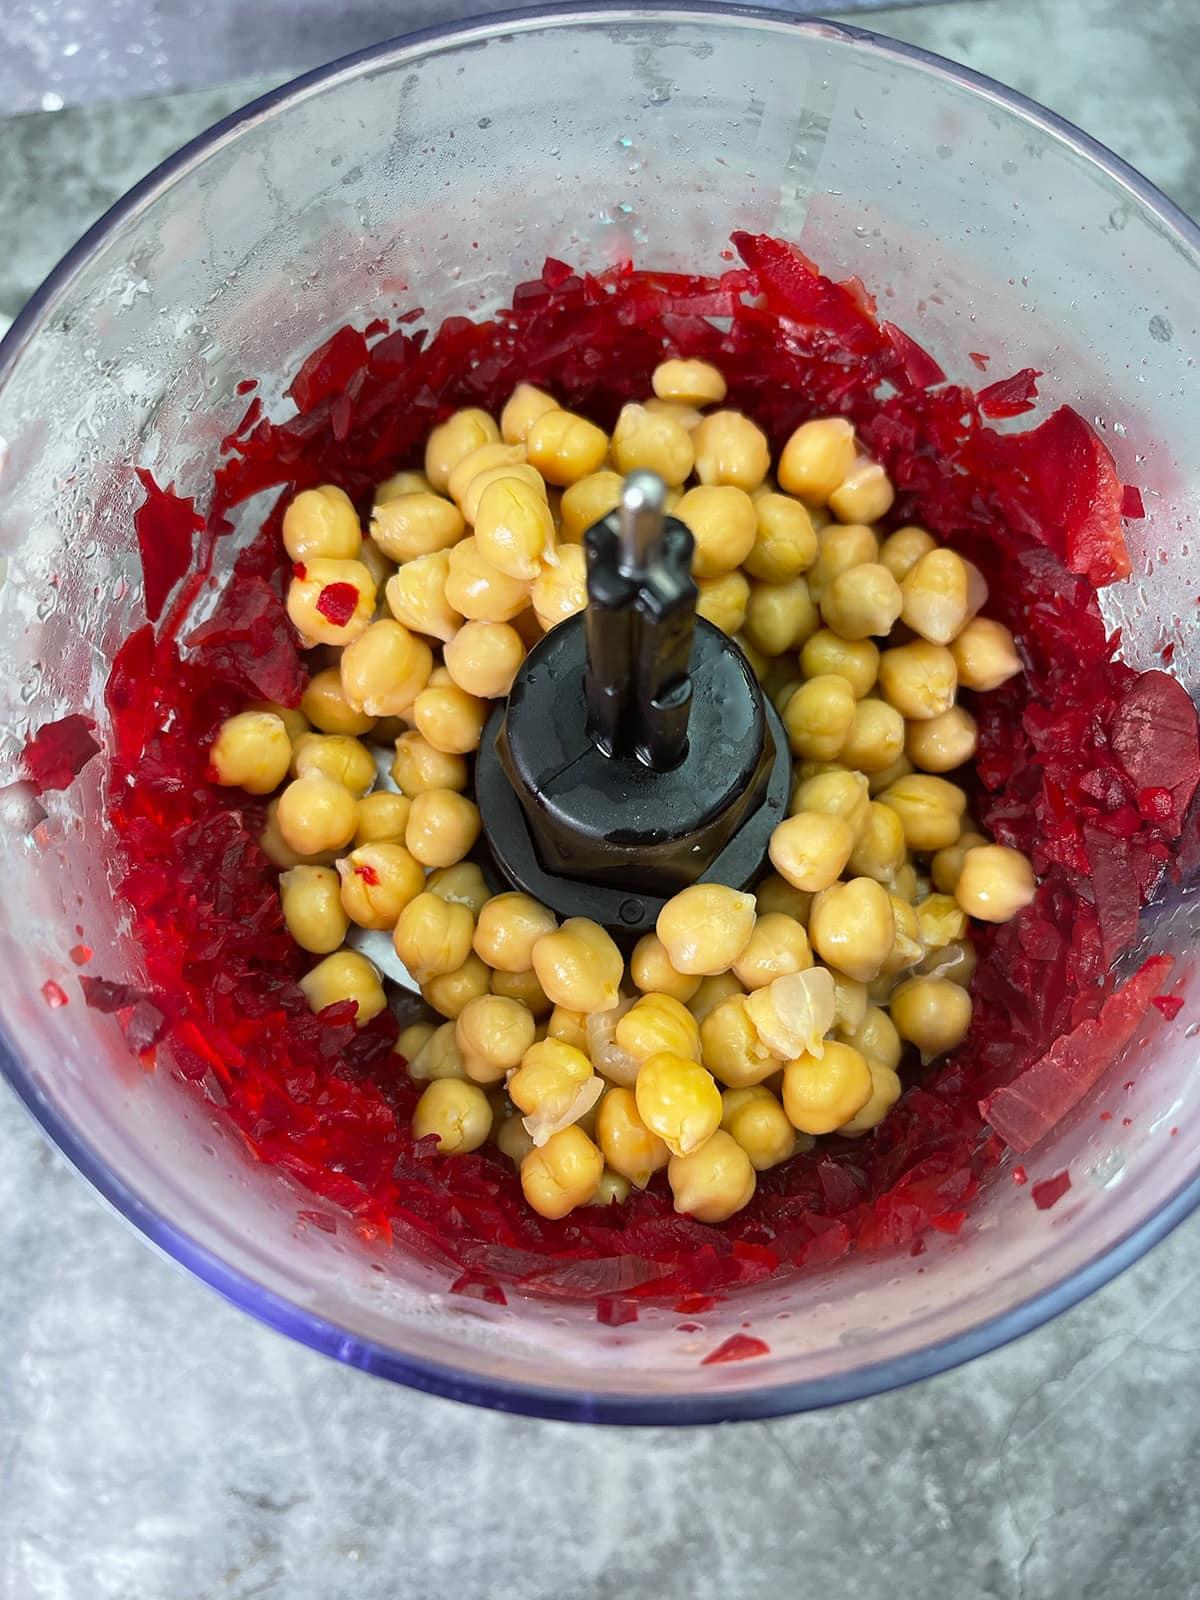 beet hummus ingredients